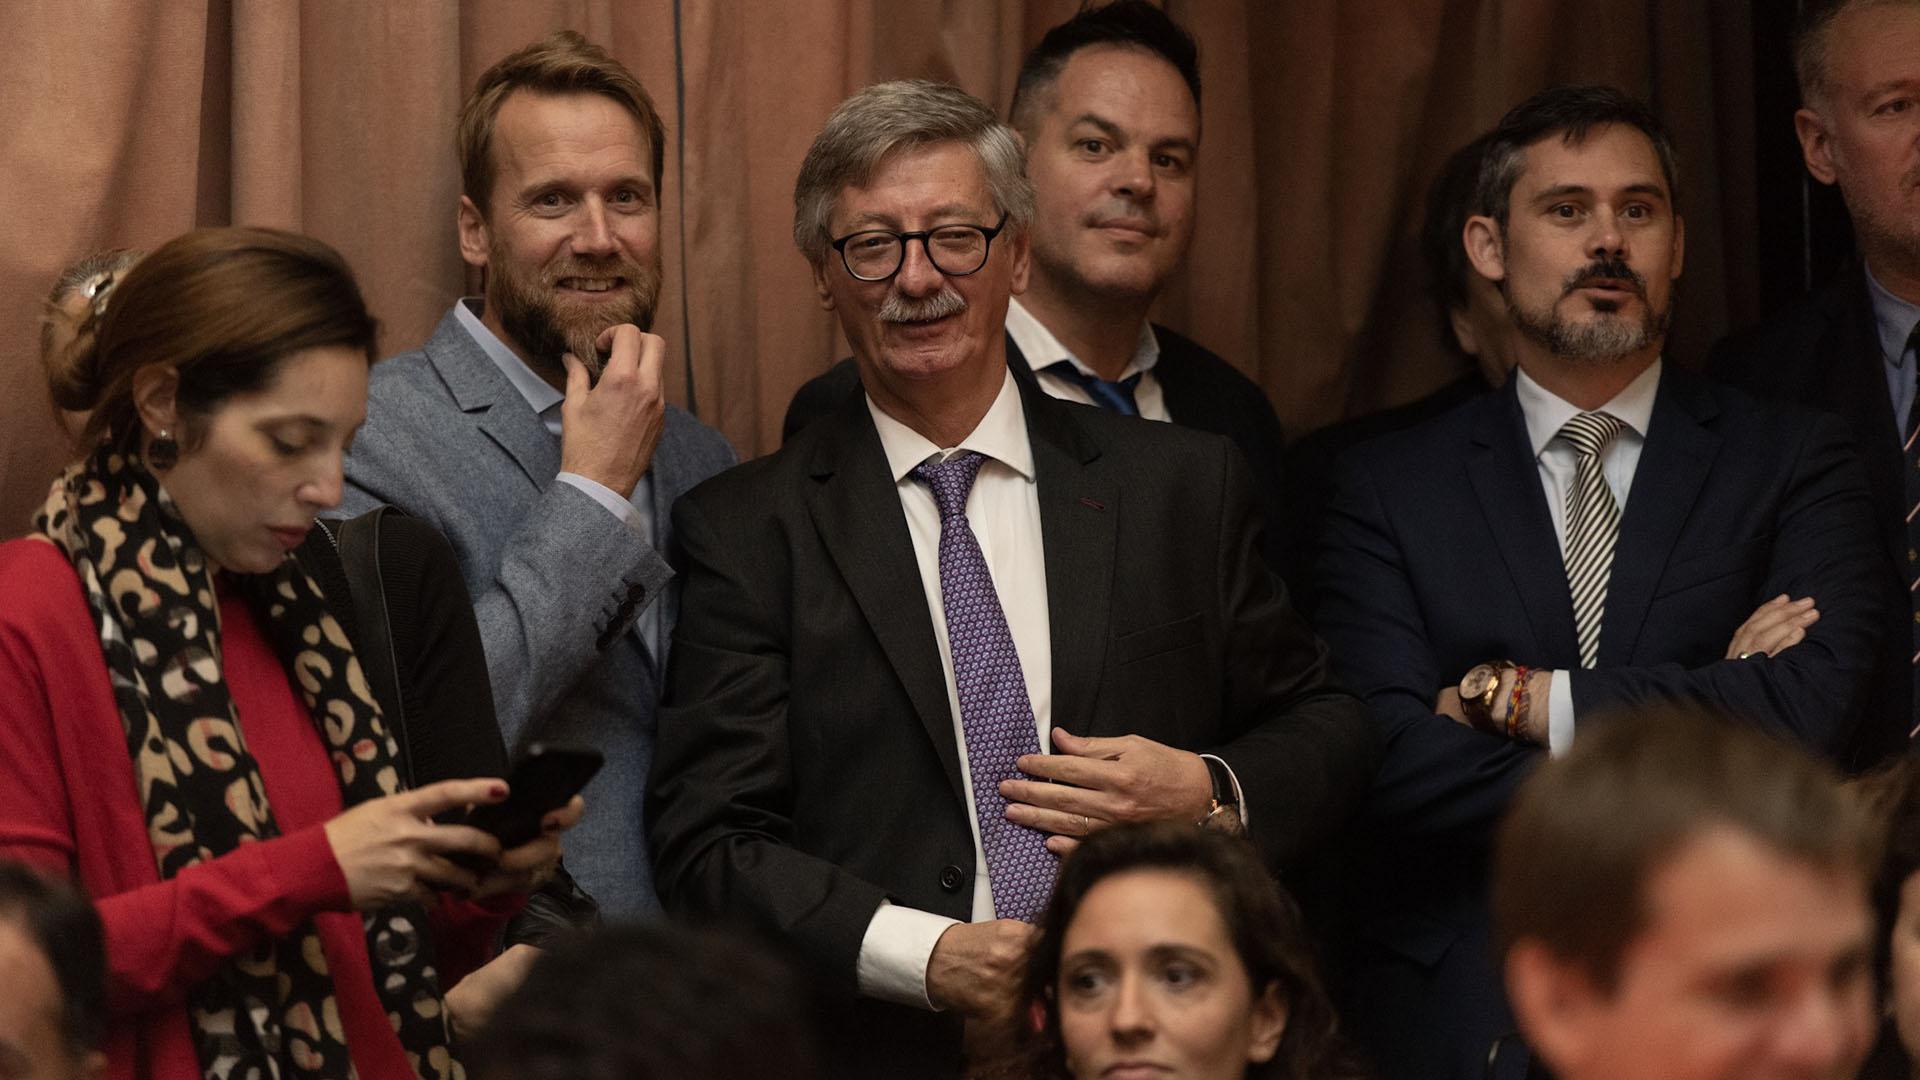 Los fiscales Diego Iglesias (saco gris) y Eduardo Taiano (corbata violeta) estuvieron en la ceremonia